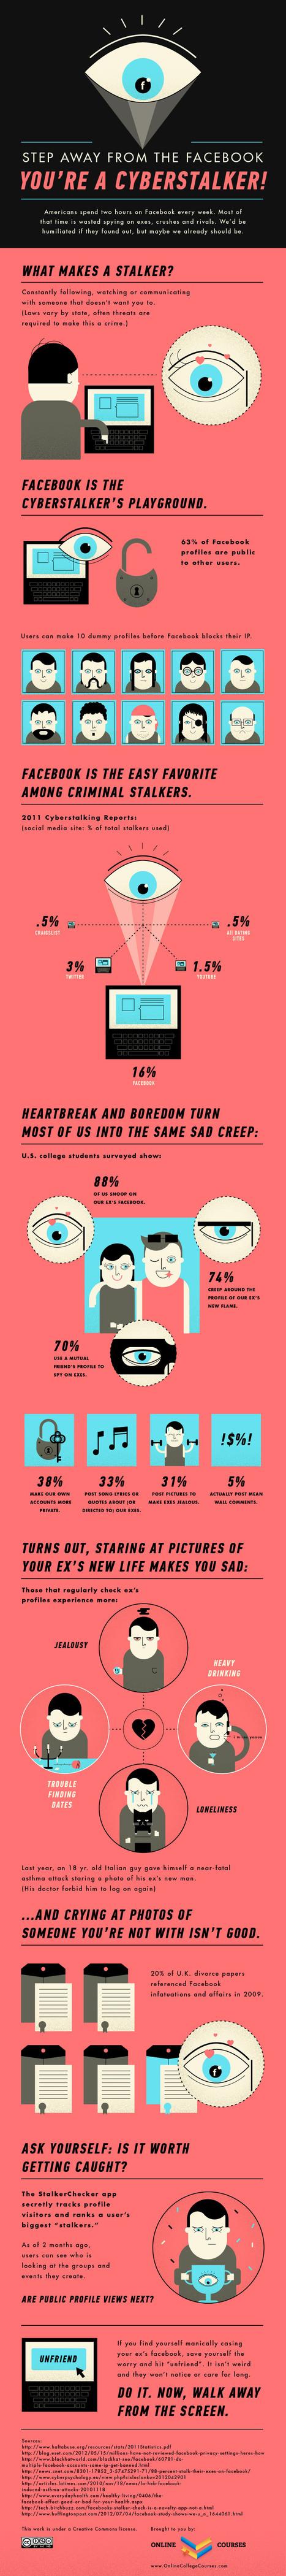 Infografía sobre el cyberacoso, una actividad indeseable | Cosas que interesan...a cualquier edad. | Scoop.it